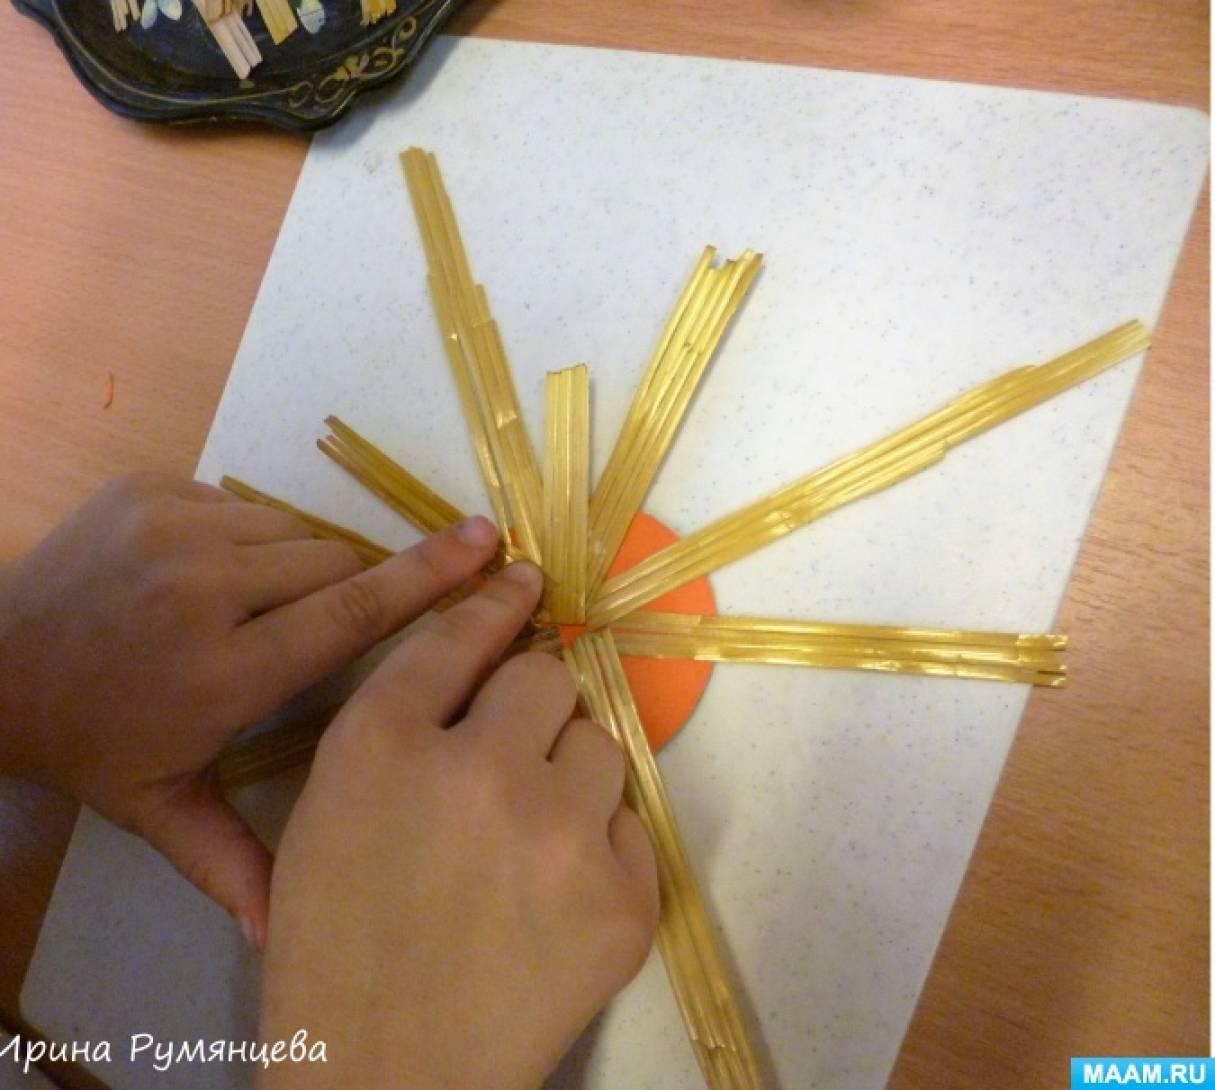 Поделки из соломы своими руками для 4 класса 9